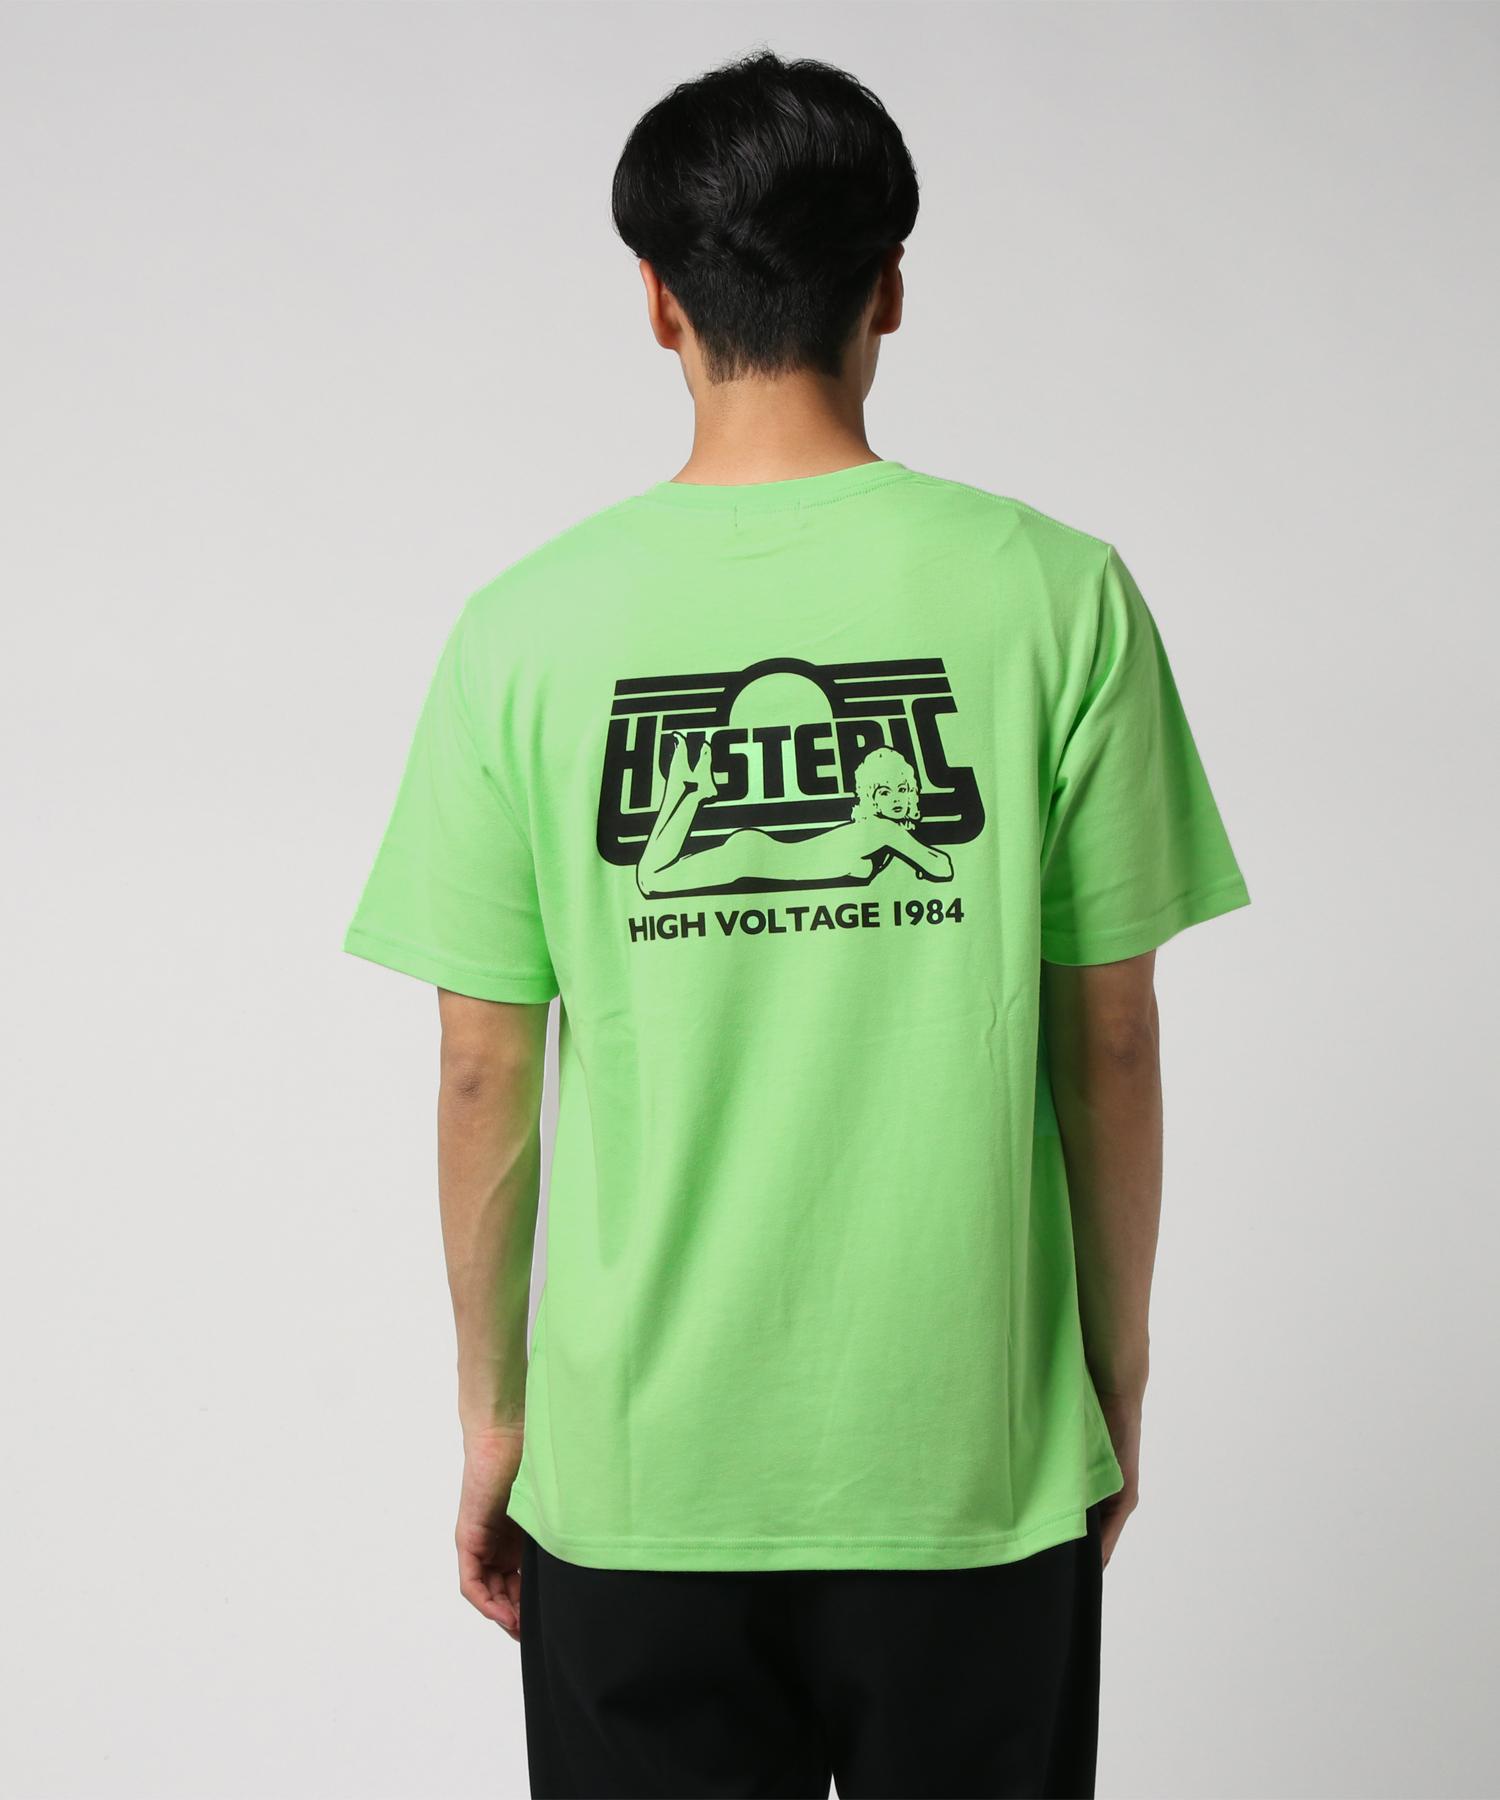 HIGH VOLTAGE 1984 pt Tシャツ